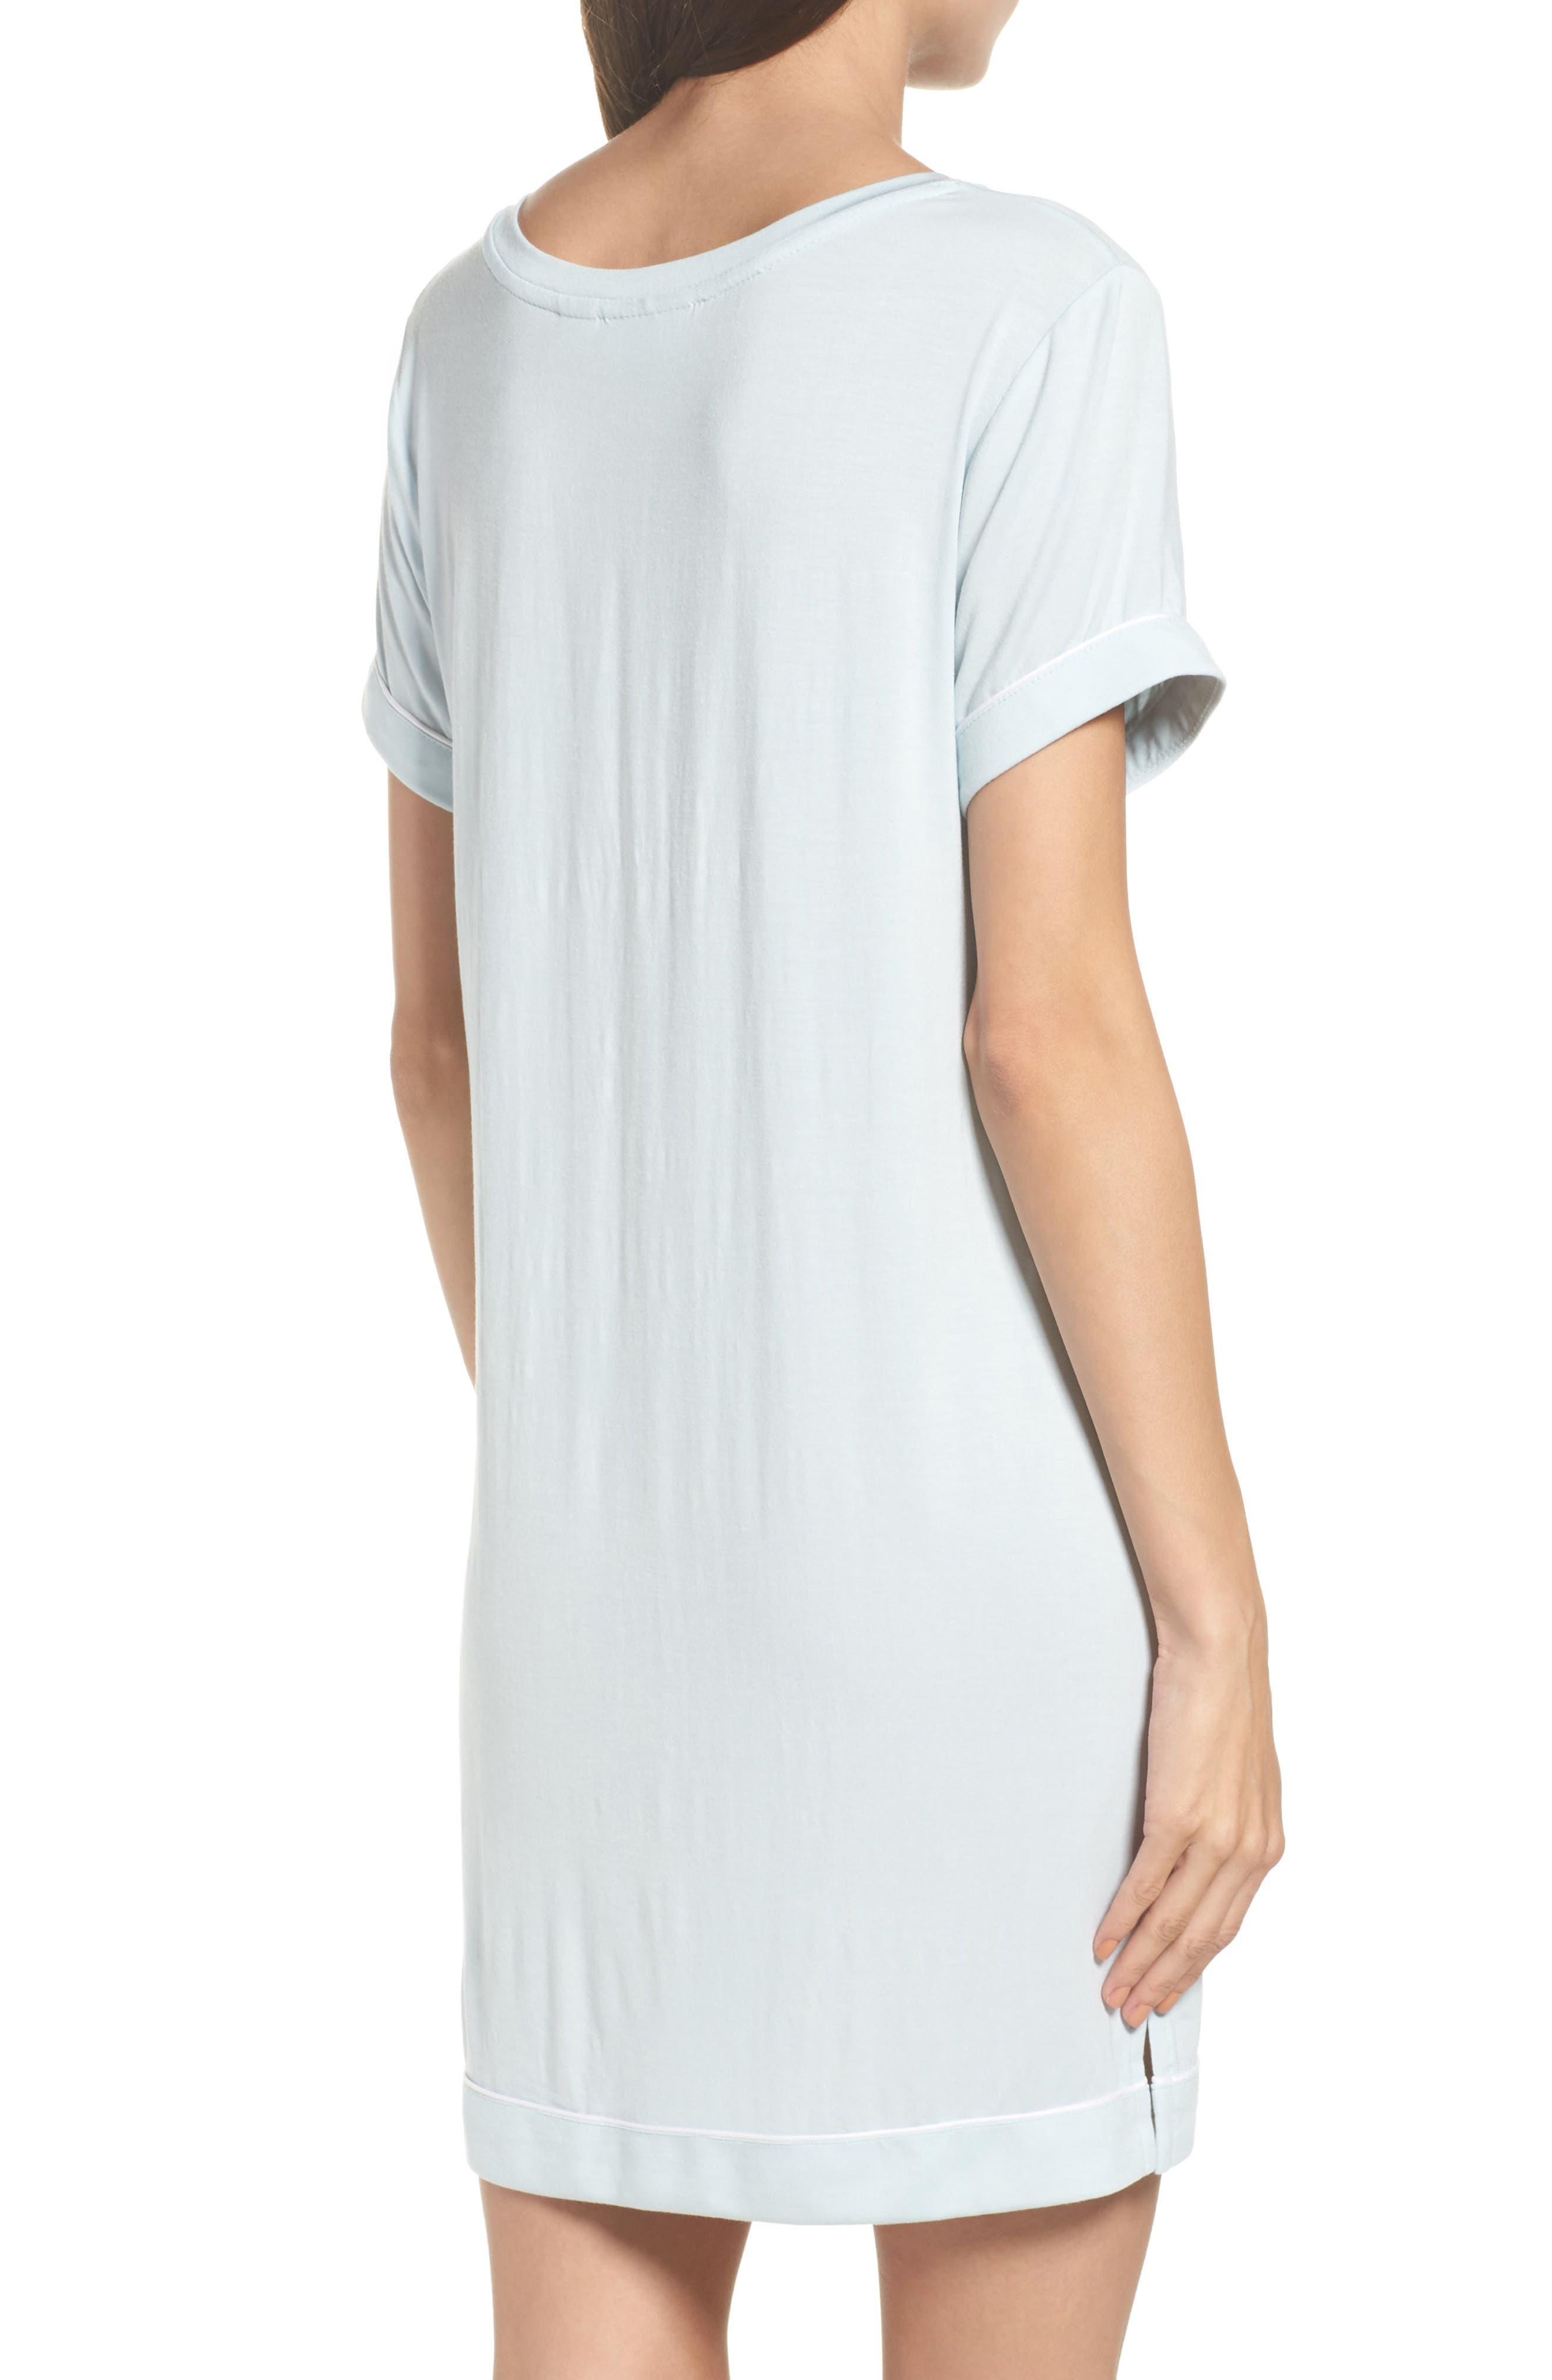 Alternate Image 2  - Nordstrom Lingerie Moonlight Sleep Shirt